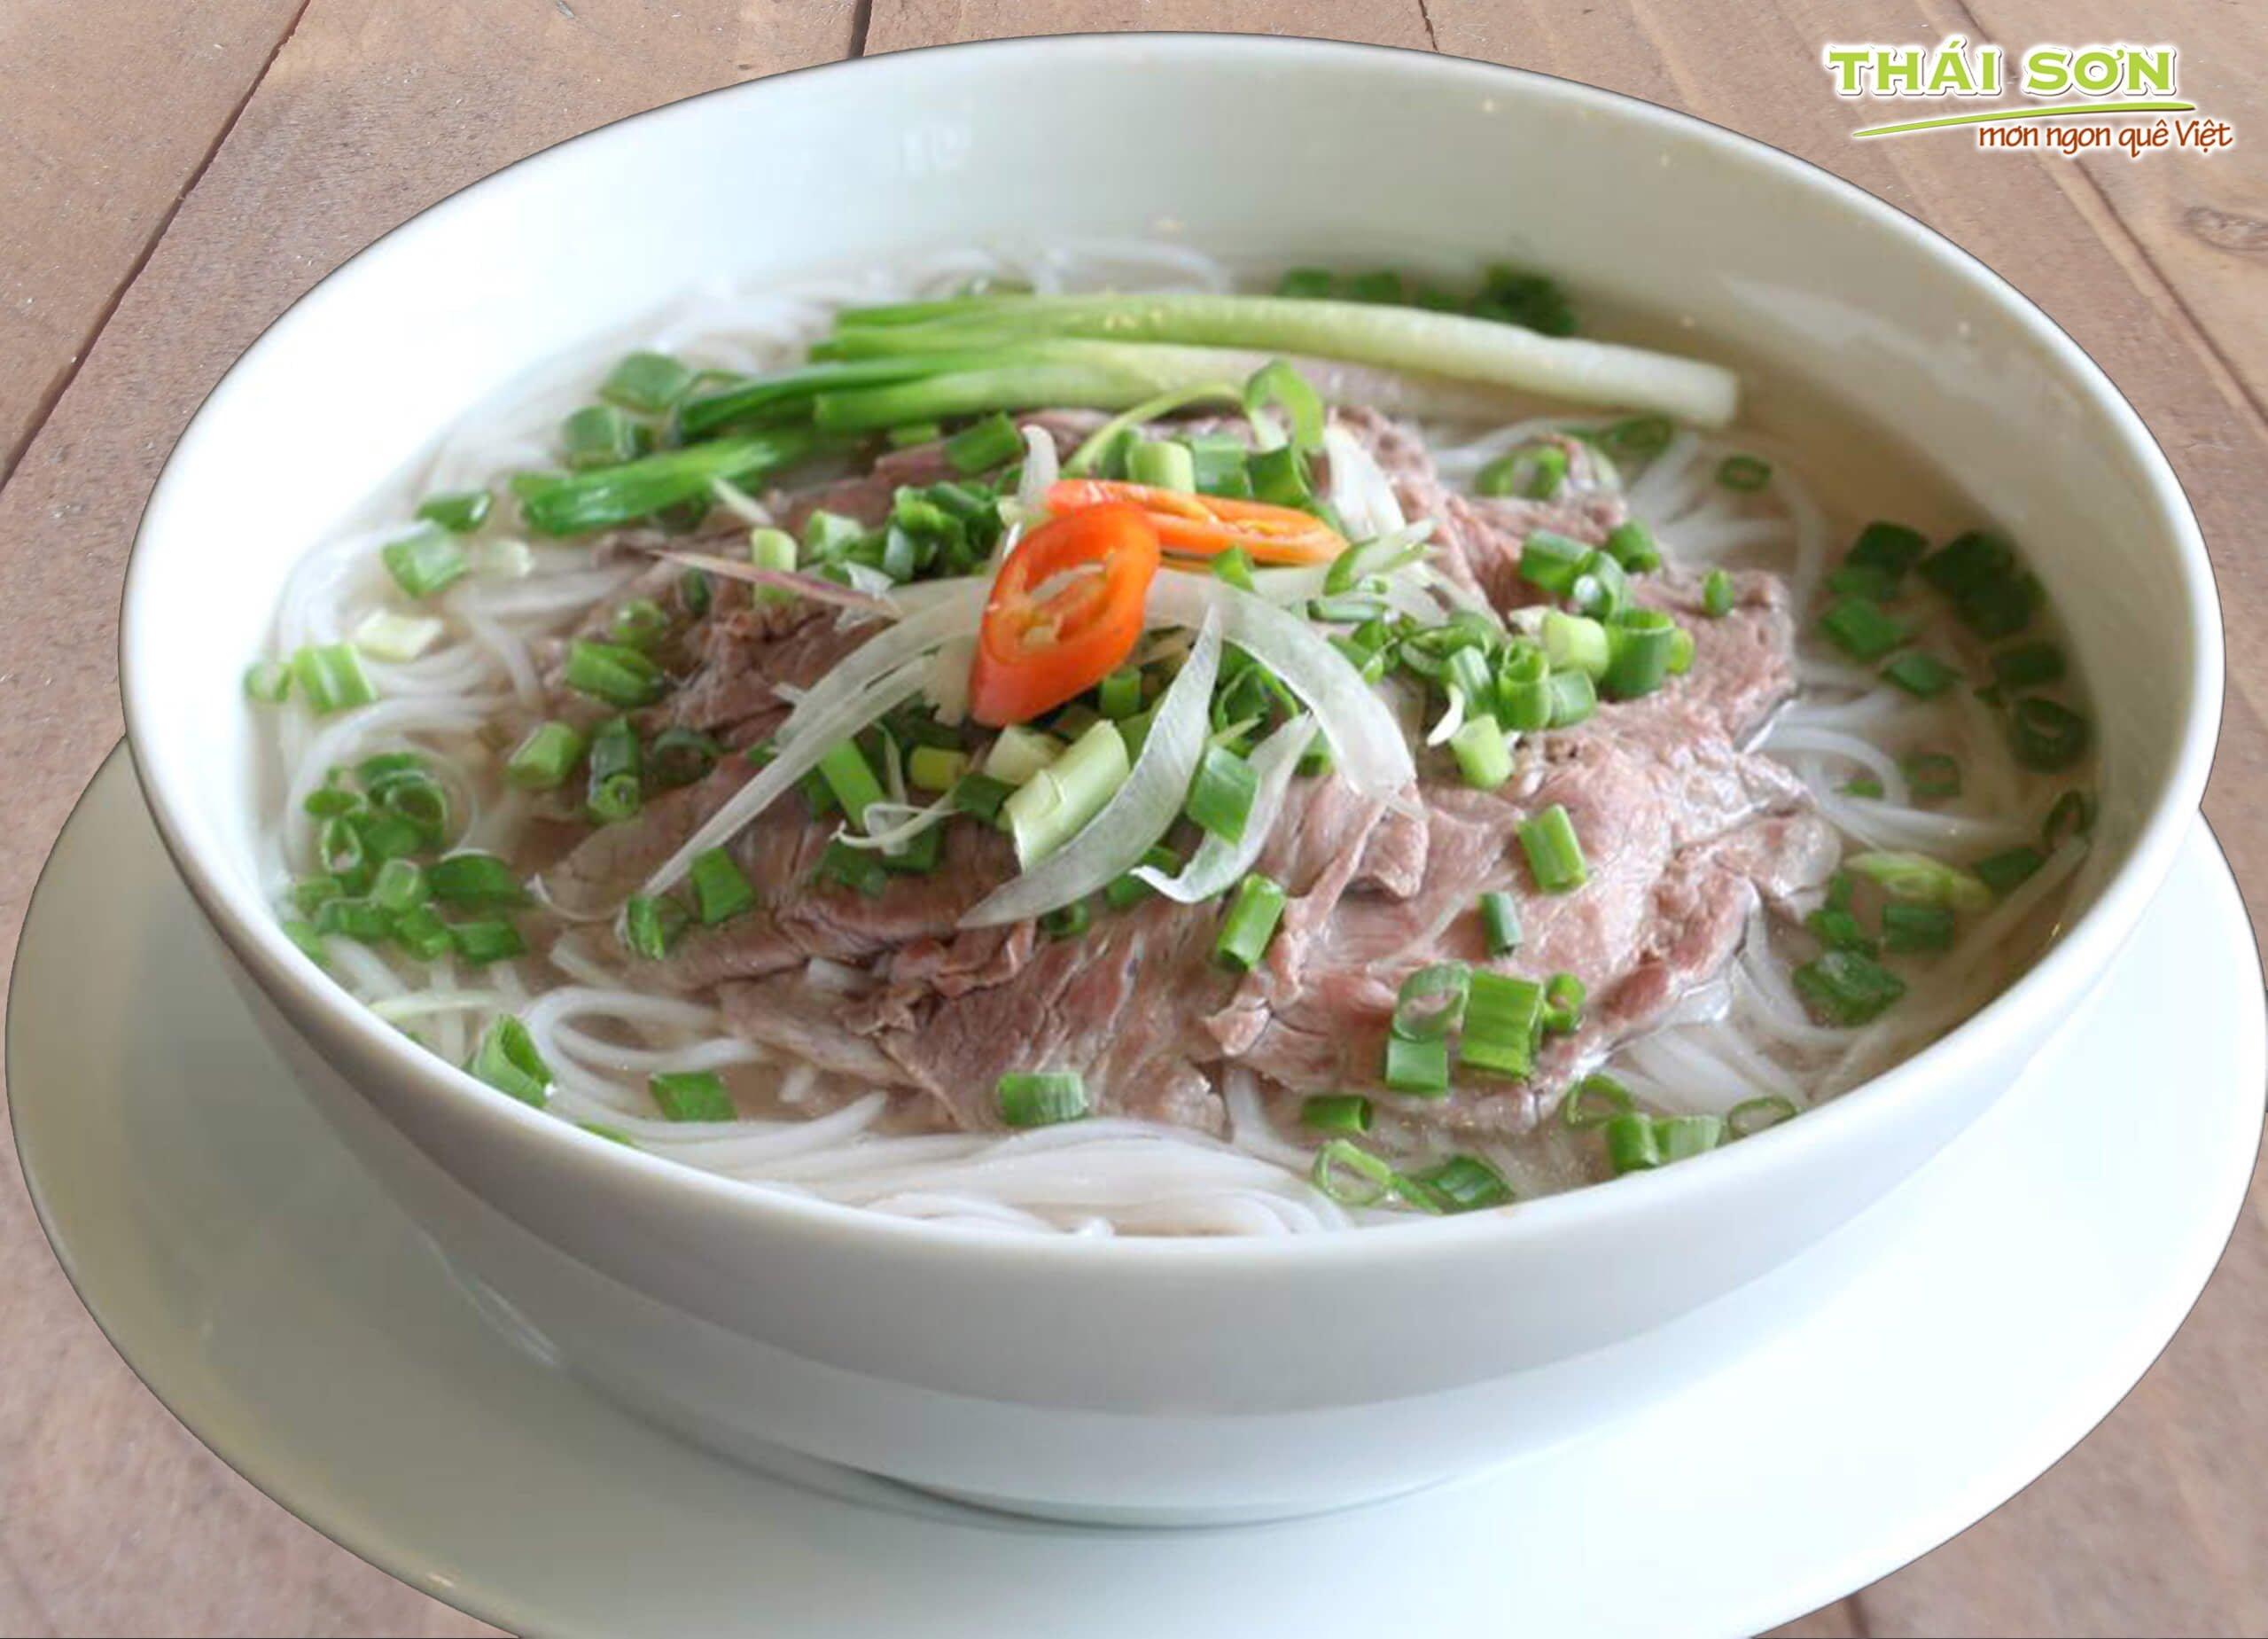 Sữa Bắp Thái Sơn_Món Ngon Quê Việt_02